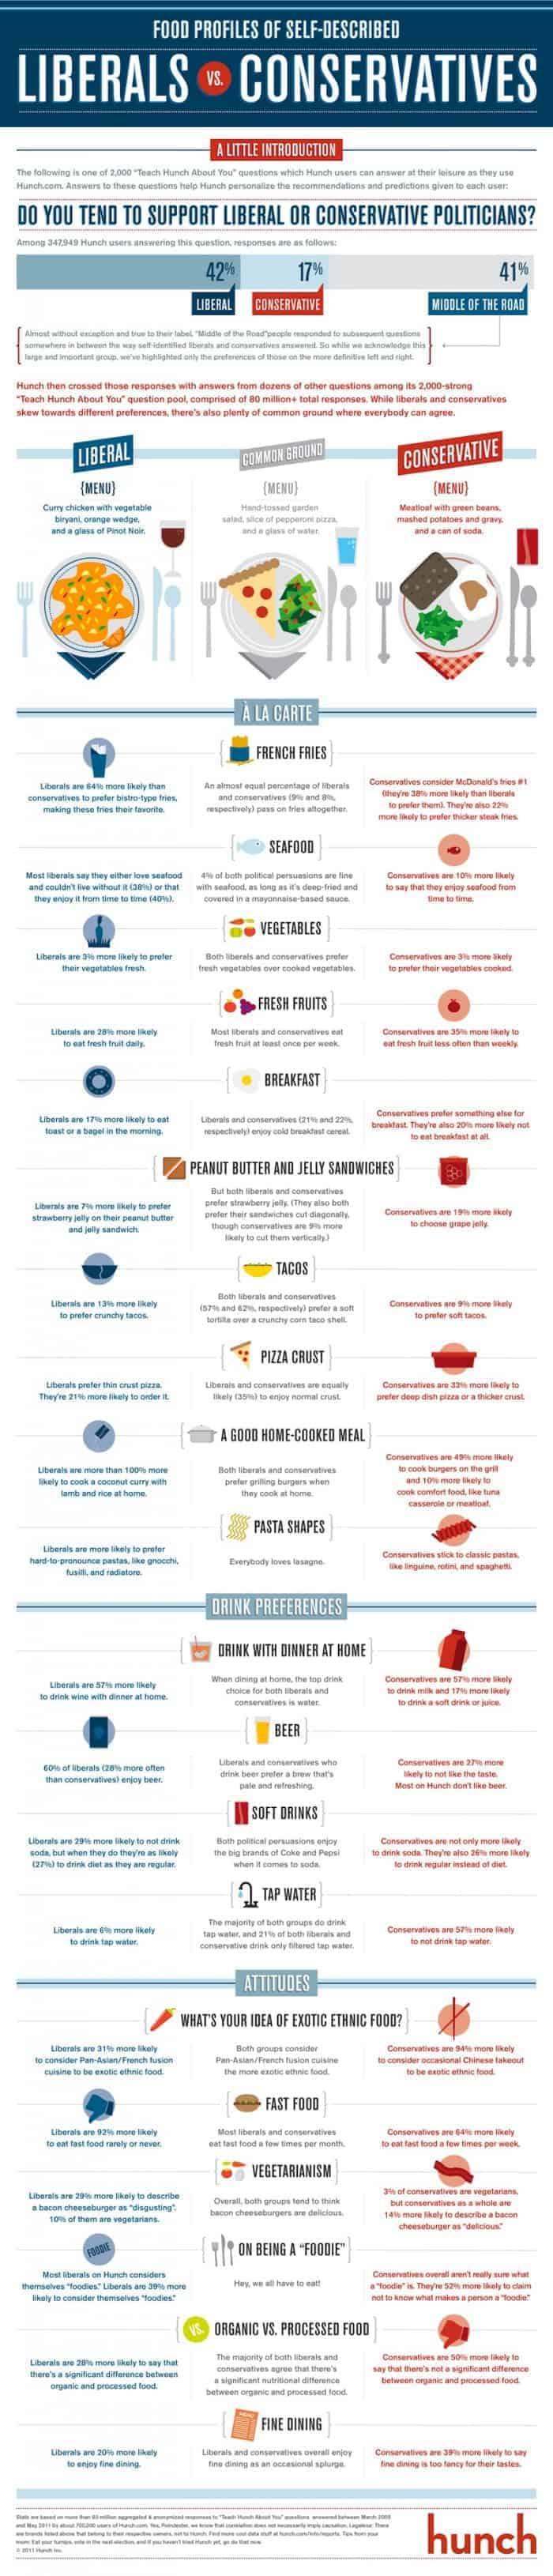 Food Profiles Liberals Vs Conservatives